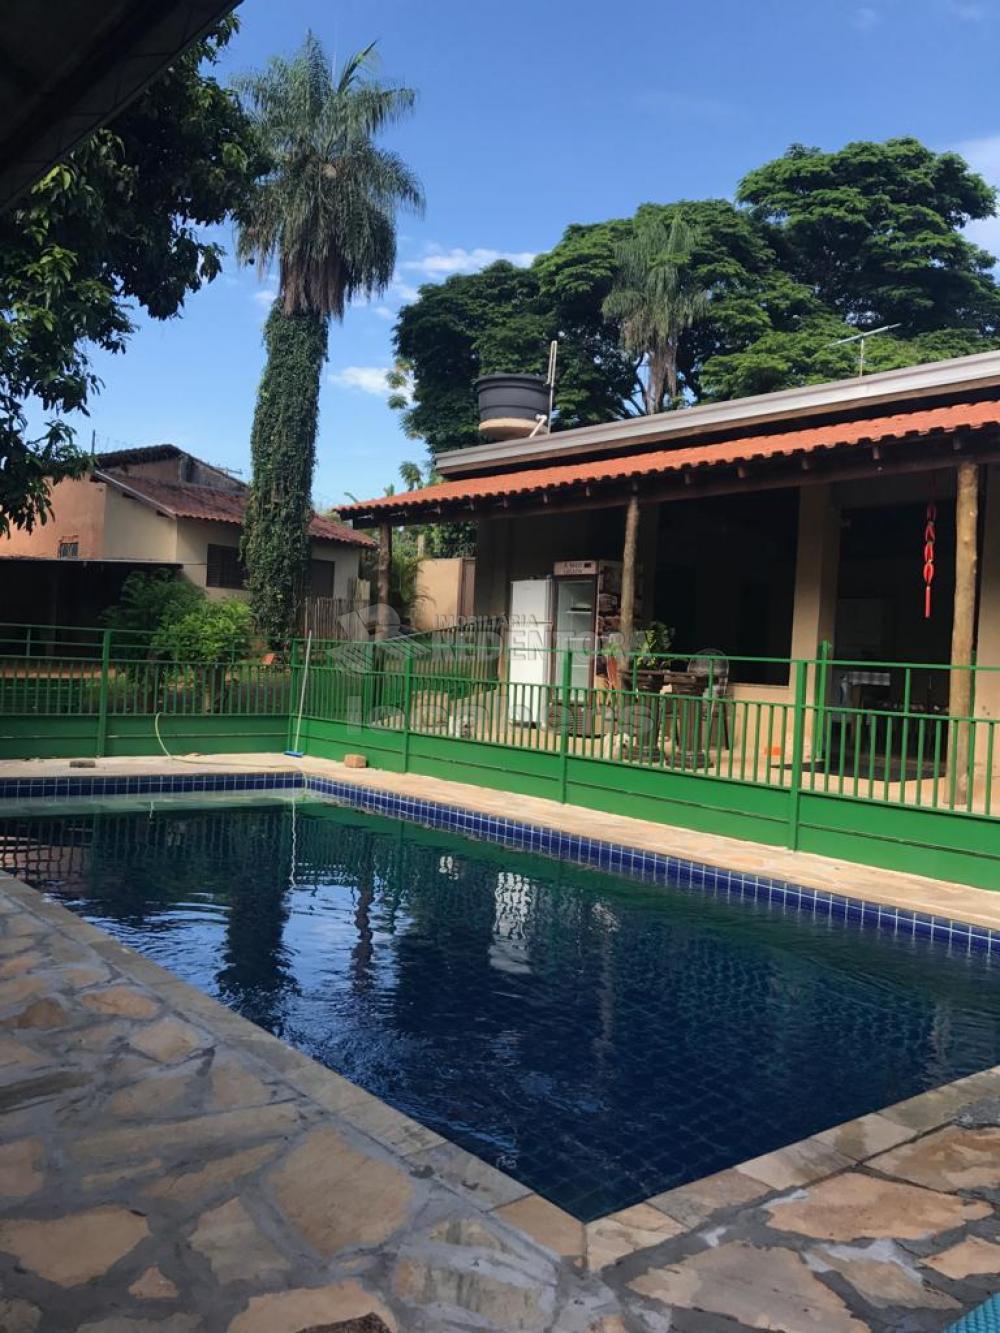 Comprar Rural / Chácara em São José do Rio Preto R$ 700.000,00 - Foto 10